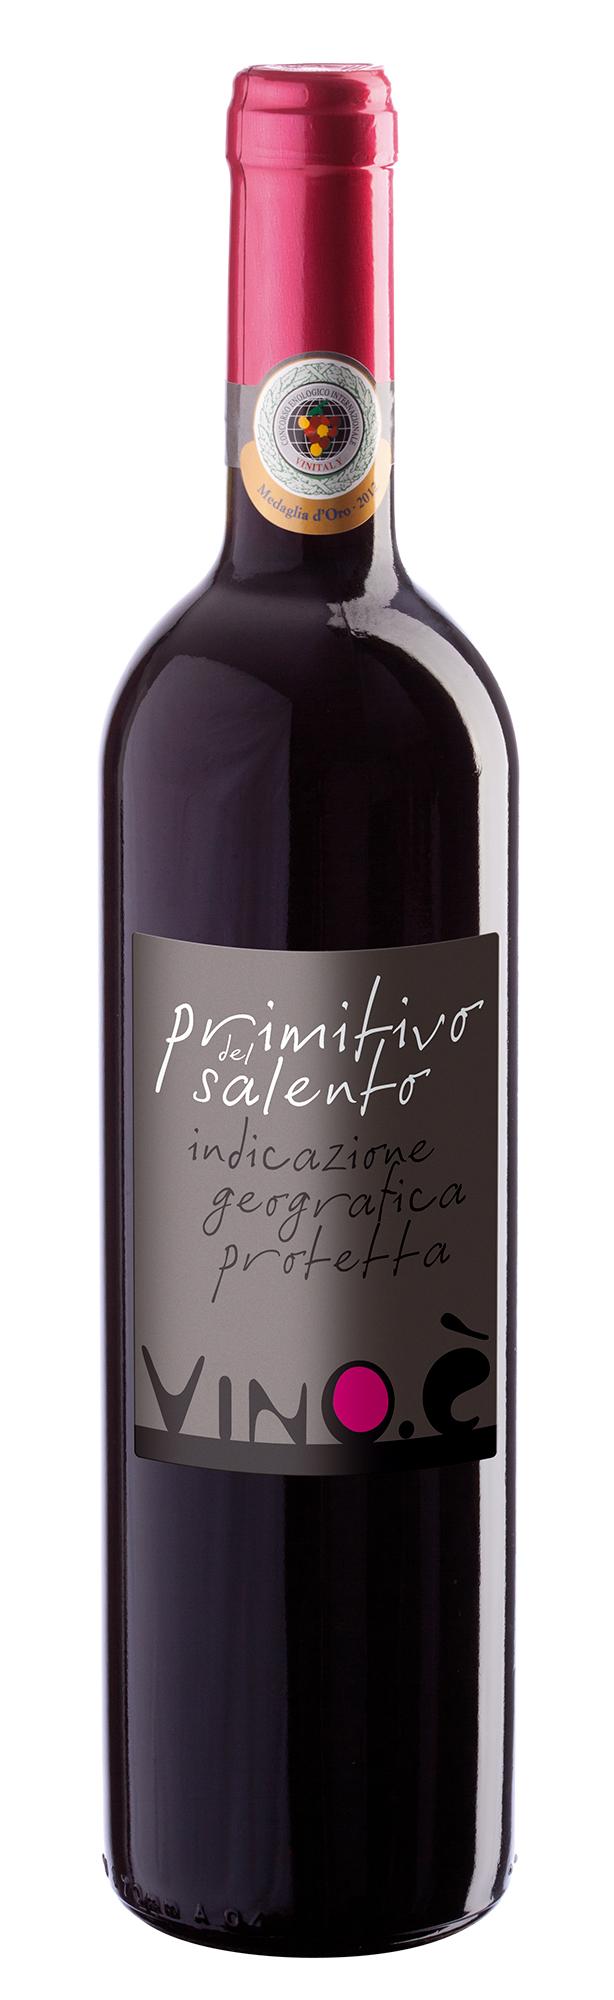 Představujeme naše italská vína VI.